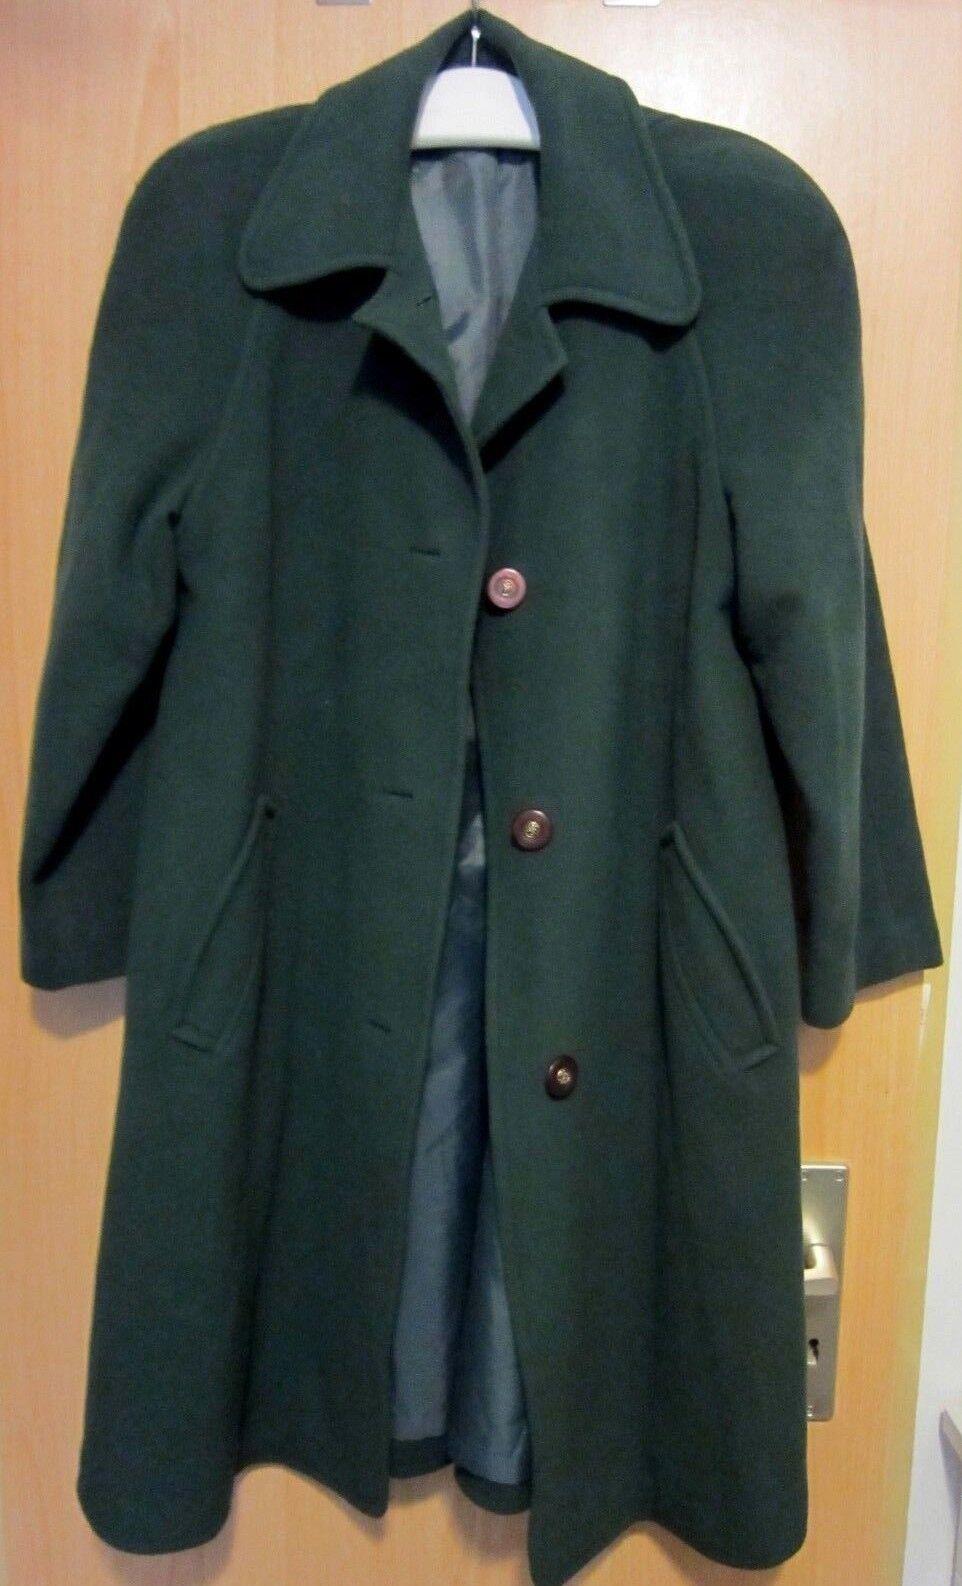 Sehr edler Damenmantel Wintermantel Damen Mantel Reine Schurwolle Größe 40 grün   Neuer Eintrag    Fein Verarbeitet